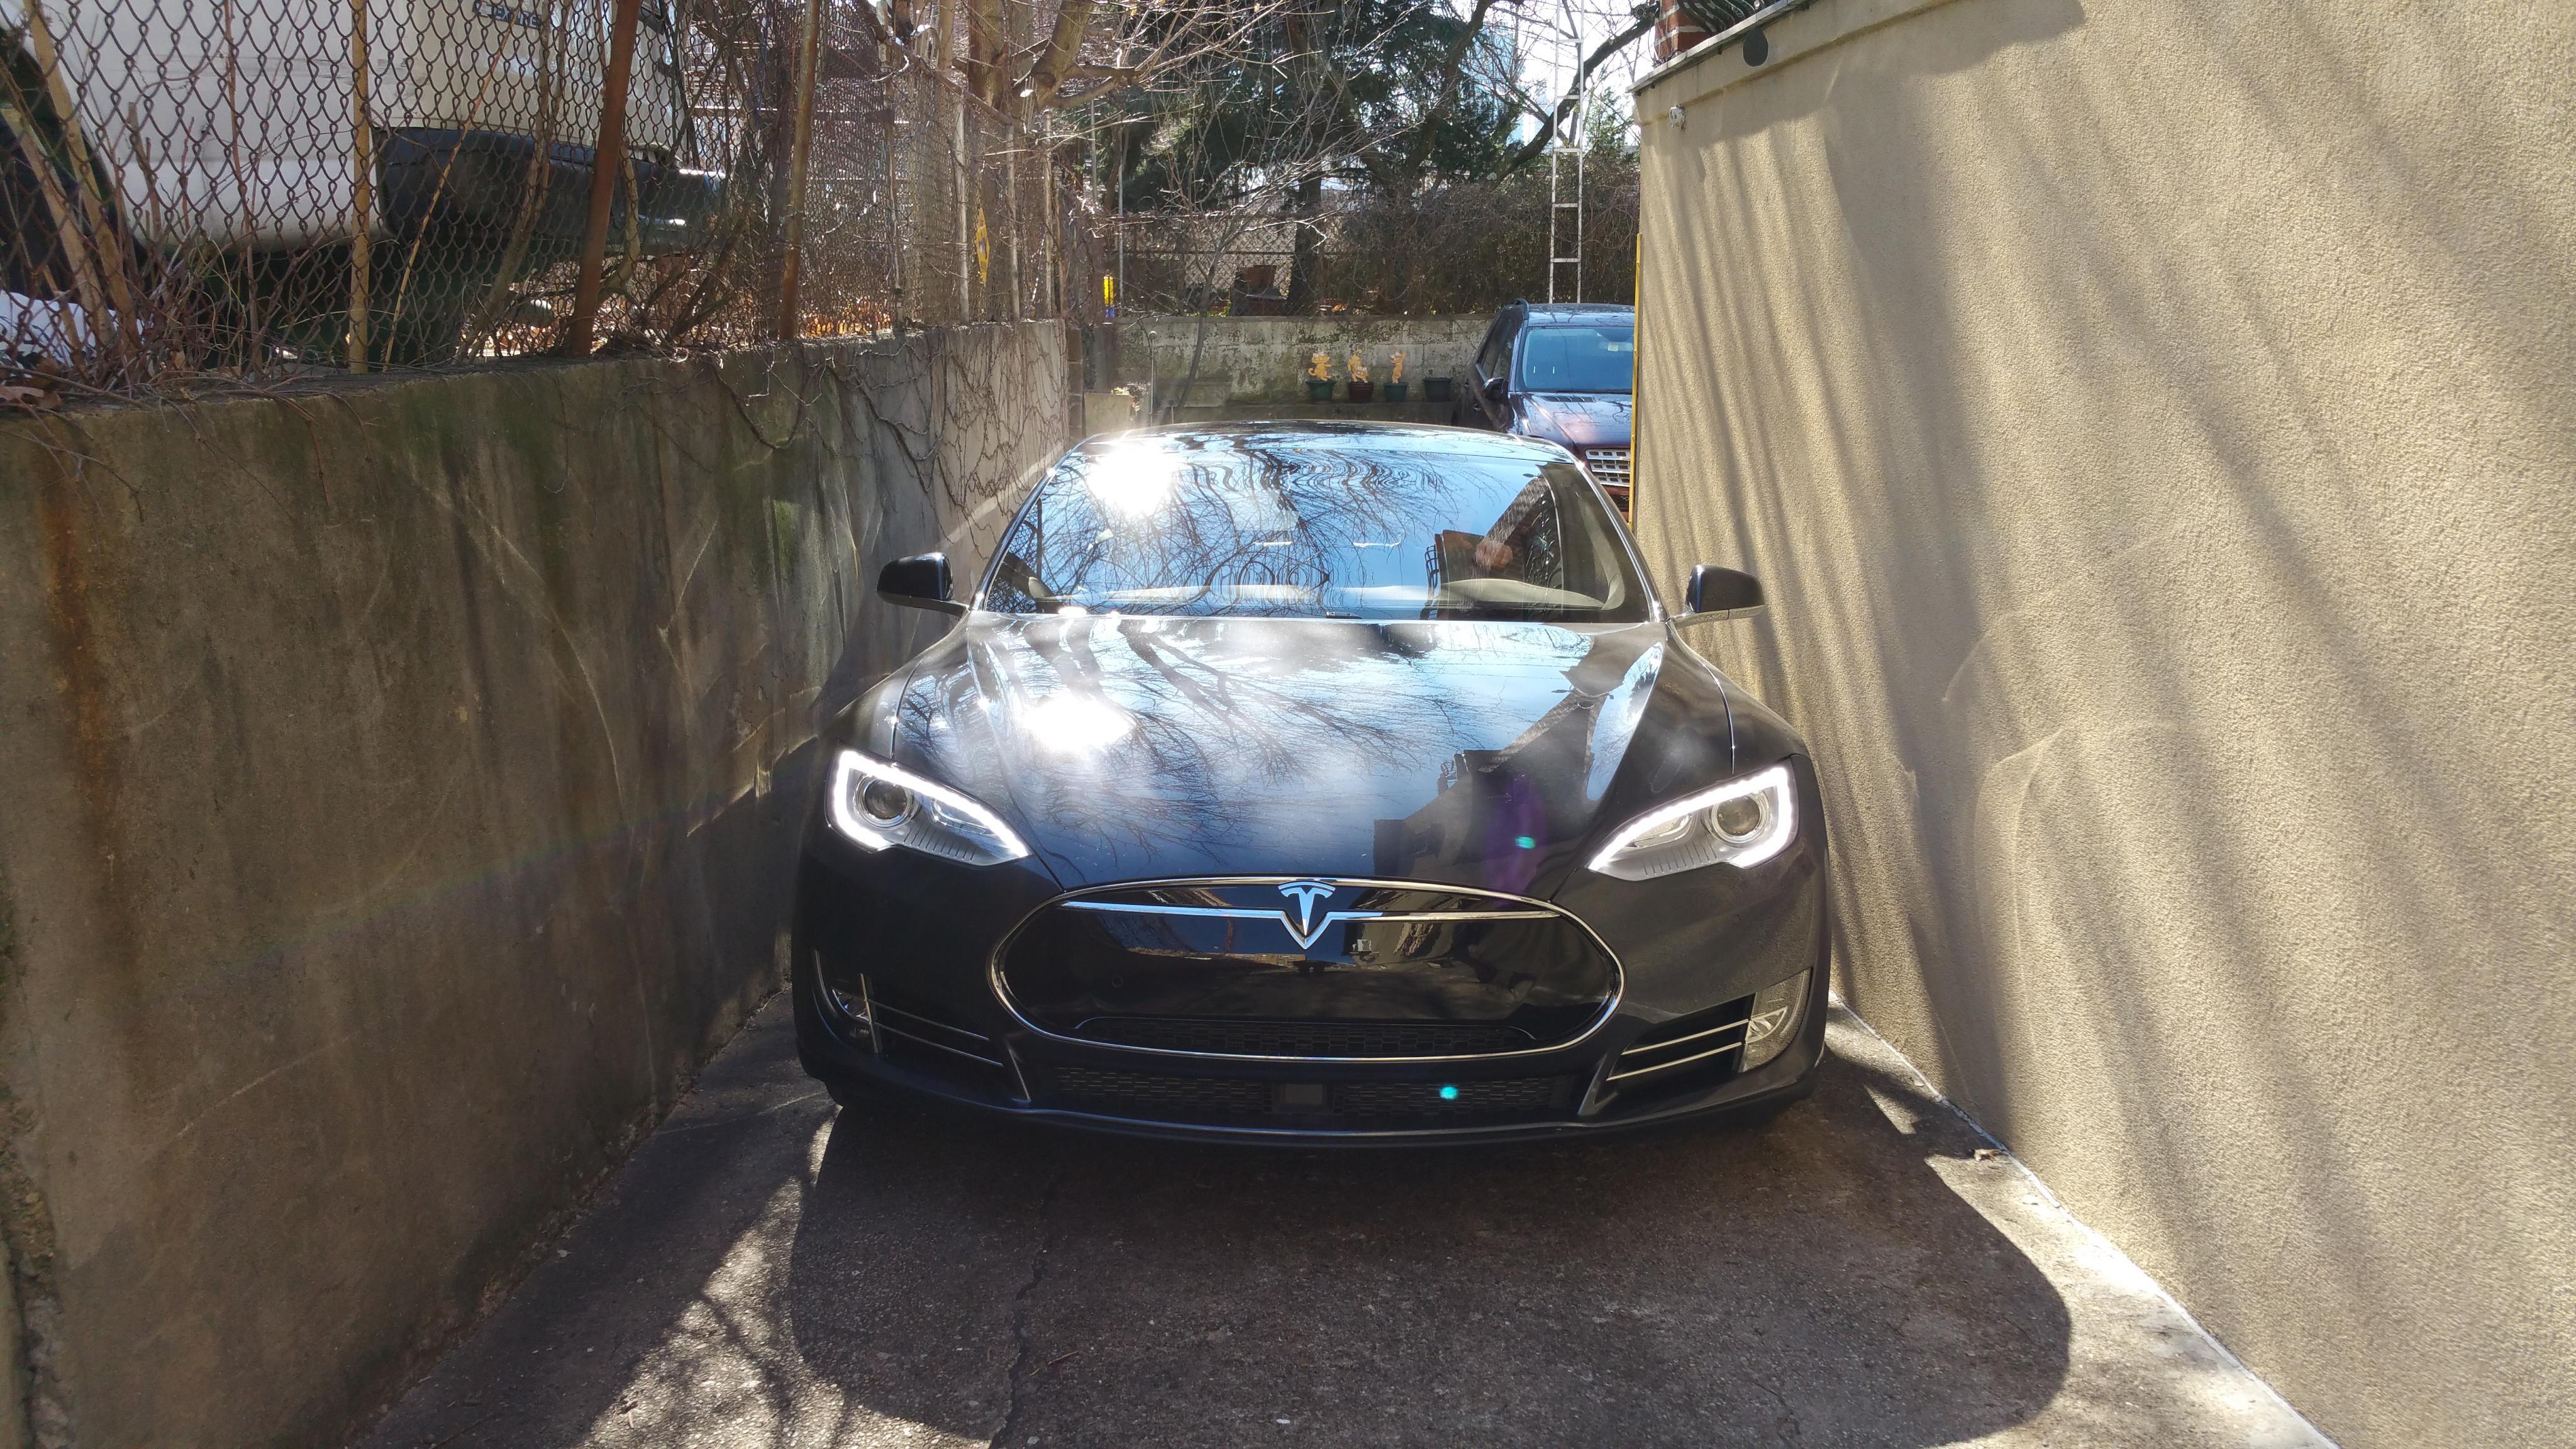 20160214_132250-models-tight-driveway.jpg